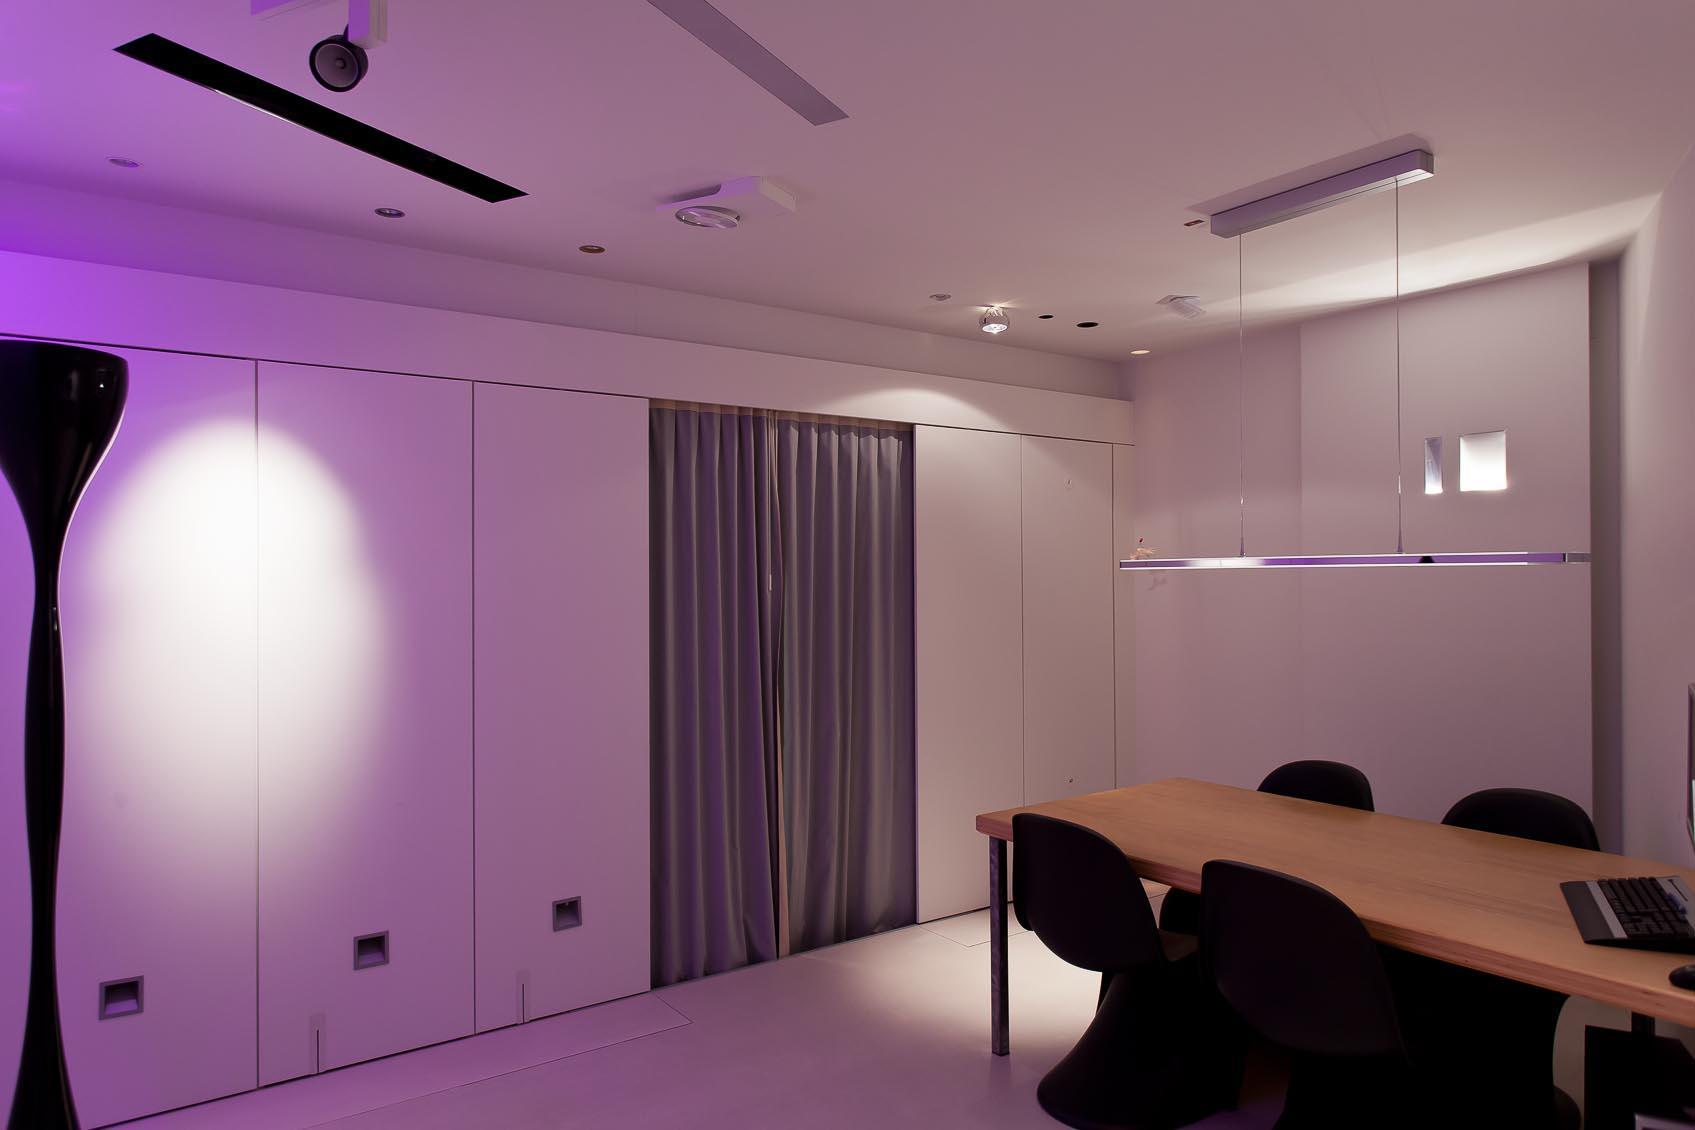 Beleef interieurverlichting in onze design lichtstudio2